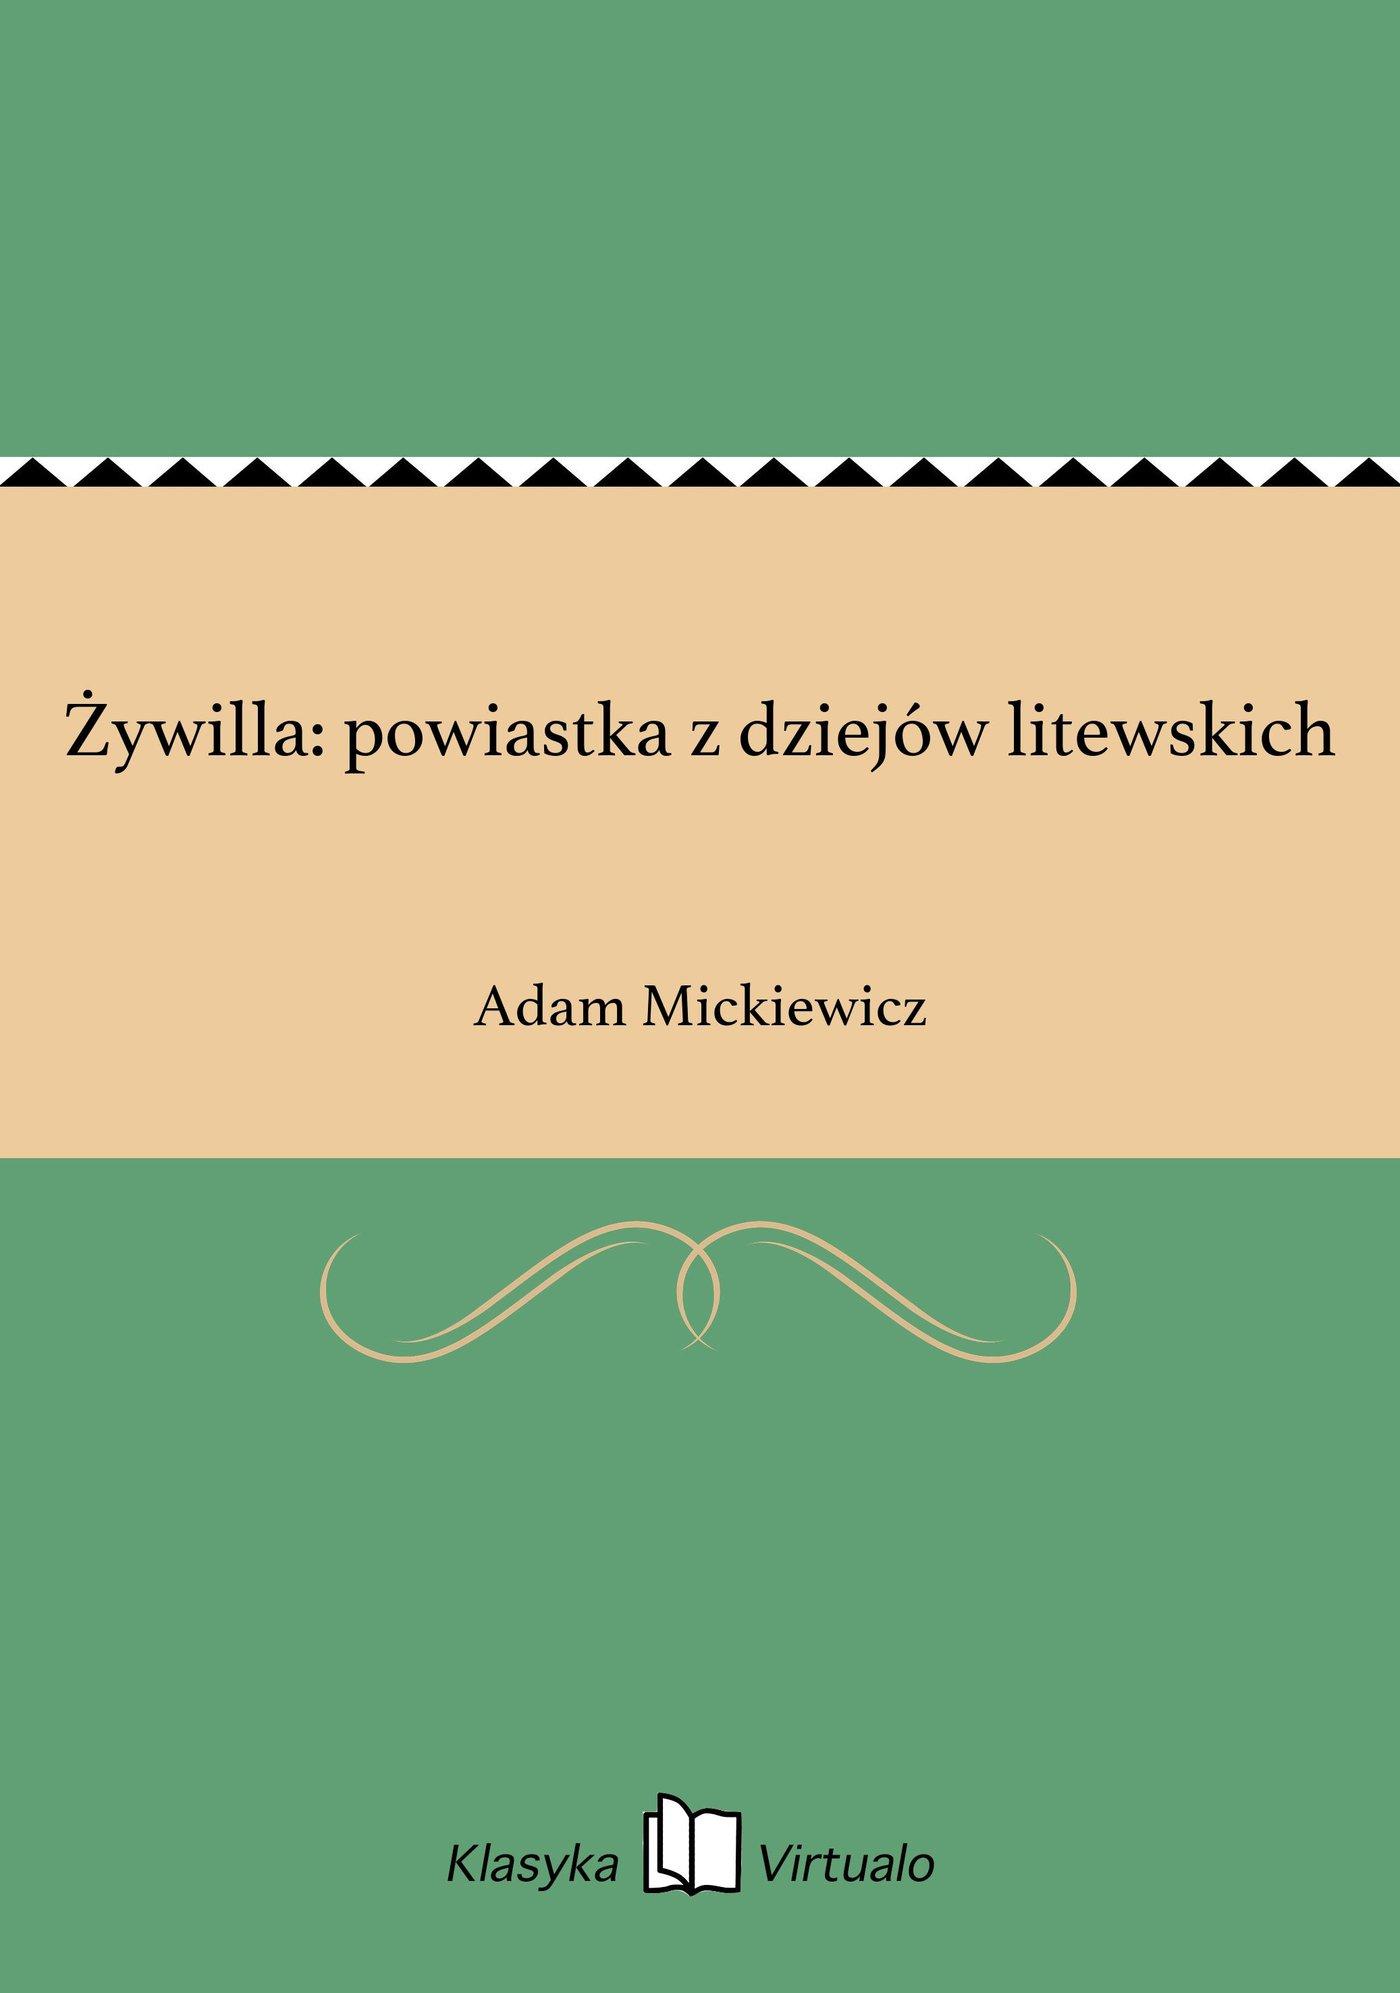 Żywilla: powiastka z dziejów litewskich - Ebook (Książka na Kindle) do pobrania w formacie MOBI